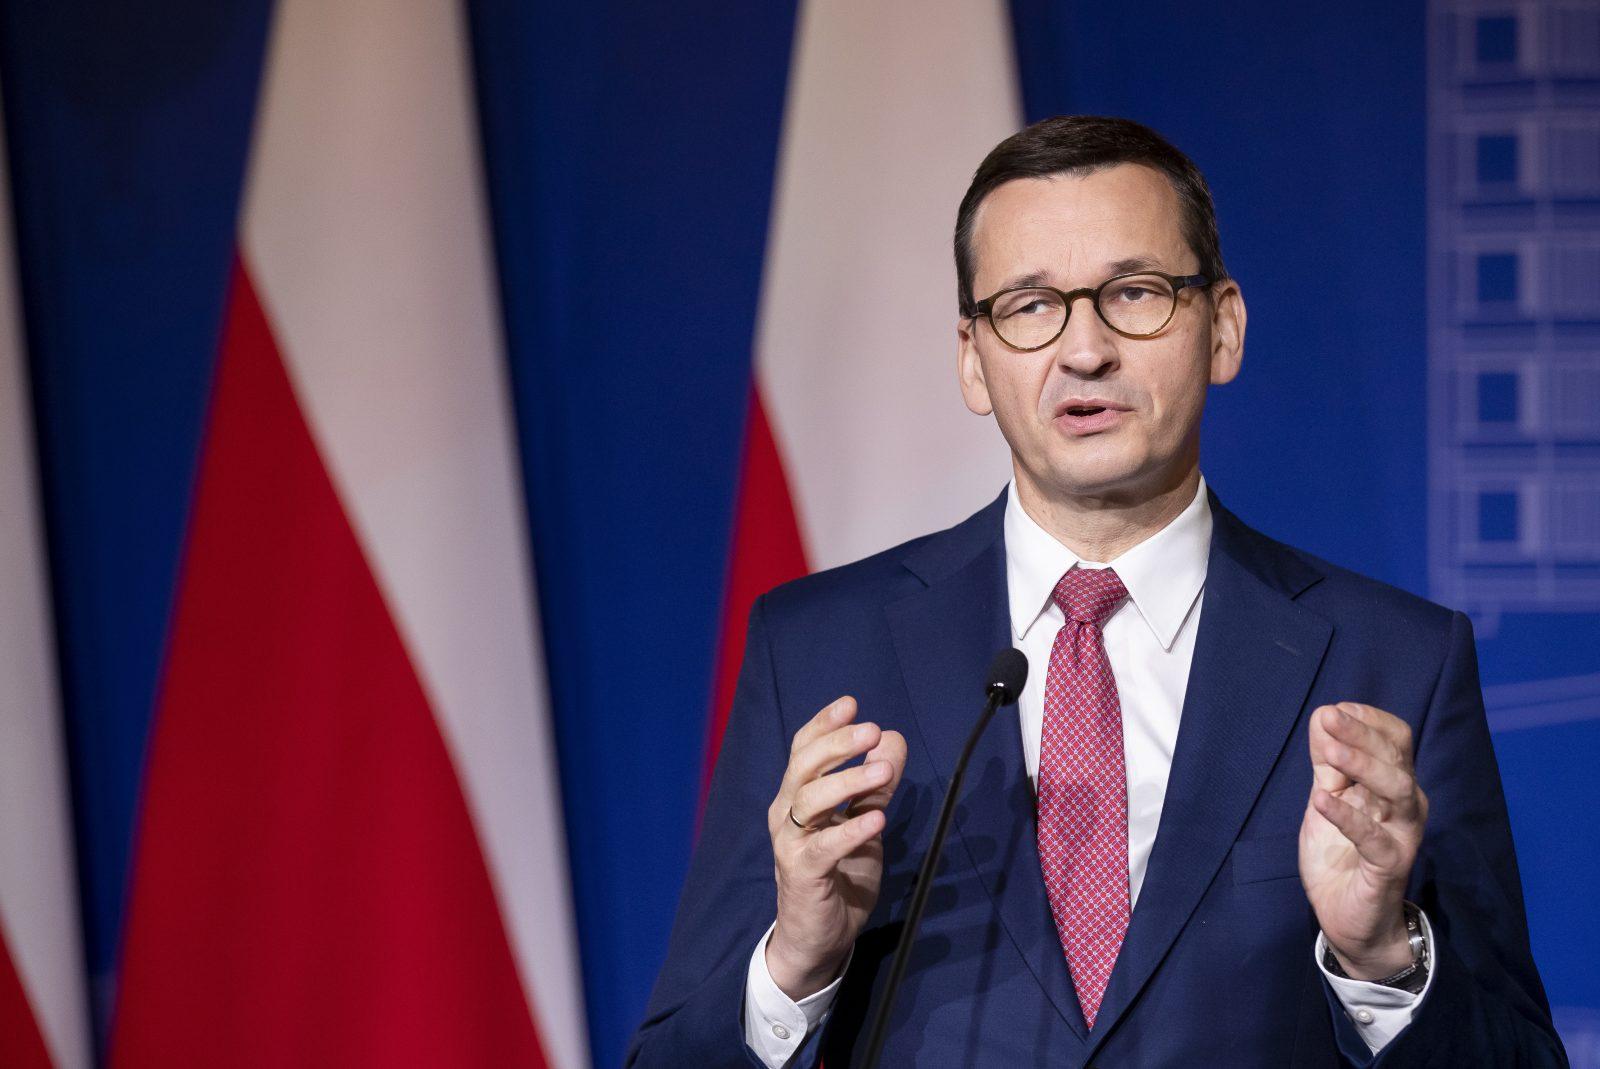 Polens Ministerpräsident Mateusz Morawiecki (PiS) wehrt sich gegen die Vorwürfe Foto: picture alliance / AP Photo